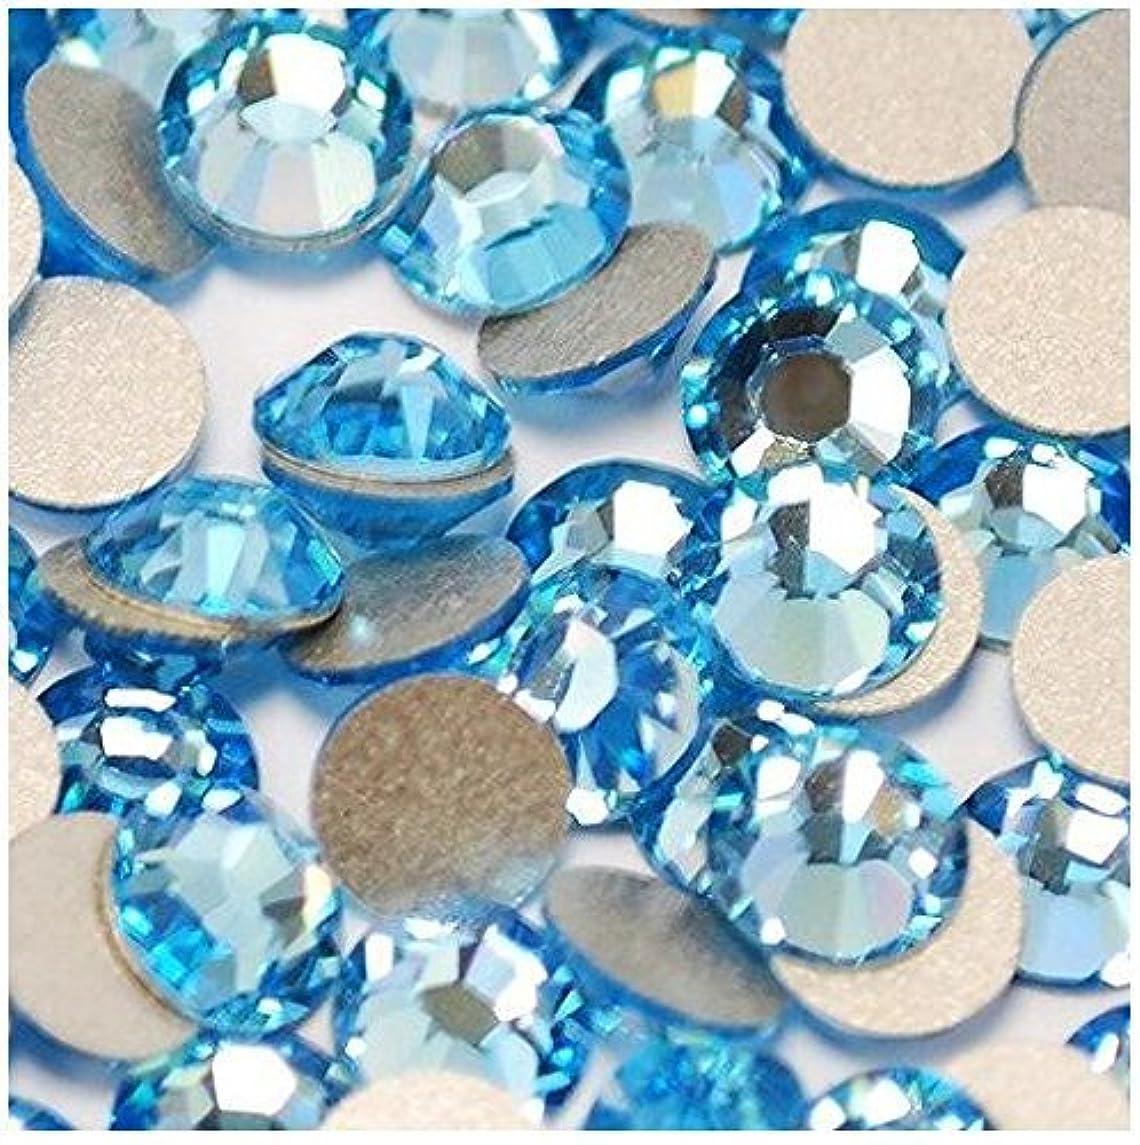 ハミングバード市区町村水族館ガラス製ラインストーン アクアマリン 各サイズ選択可能 (4.8mm (SS20) 約1440粒) [並行輸入品]